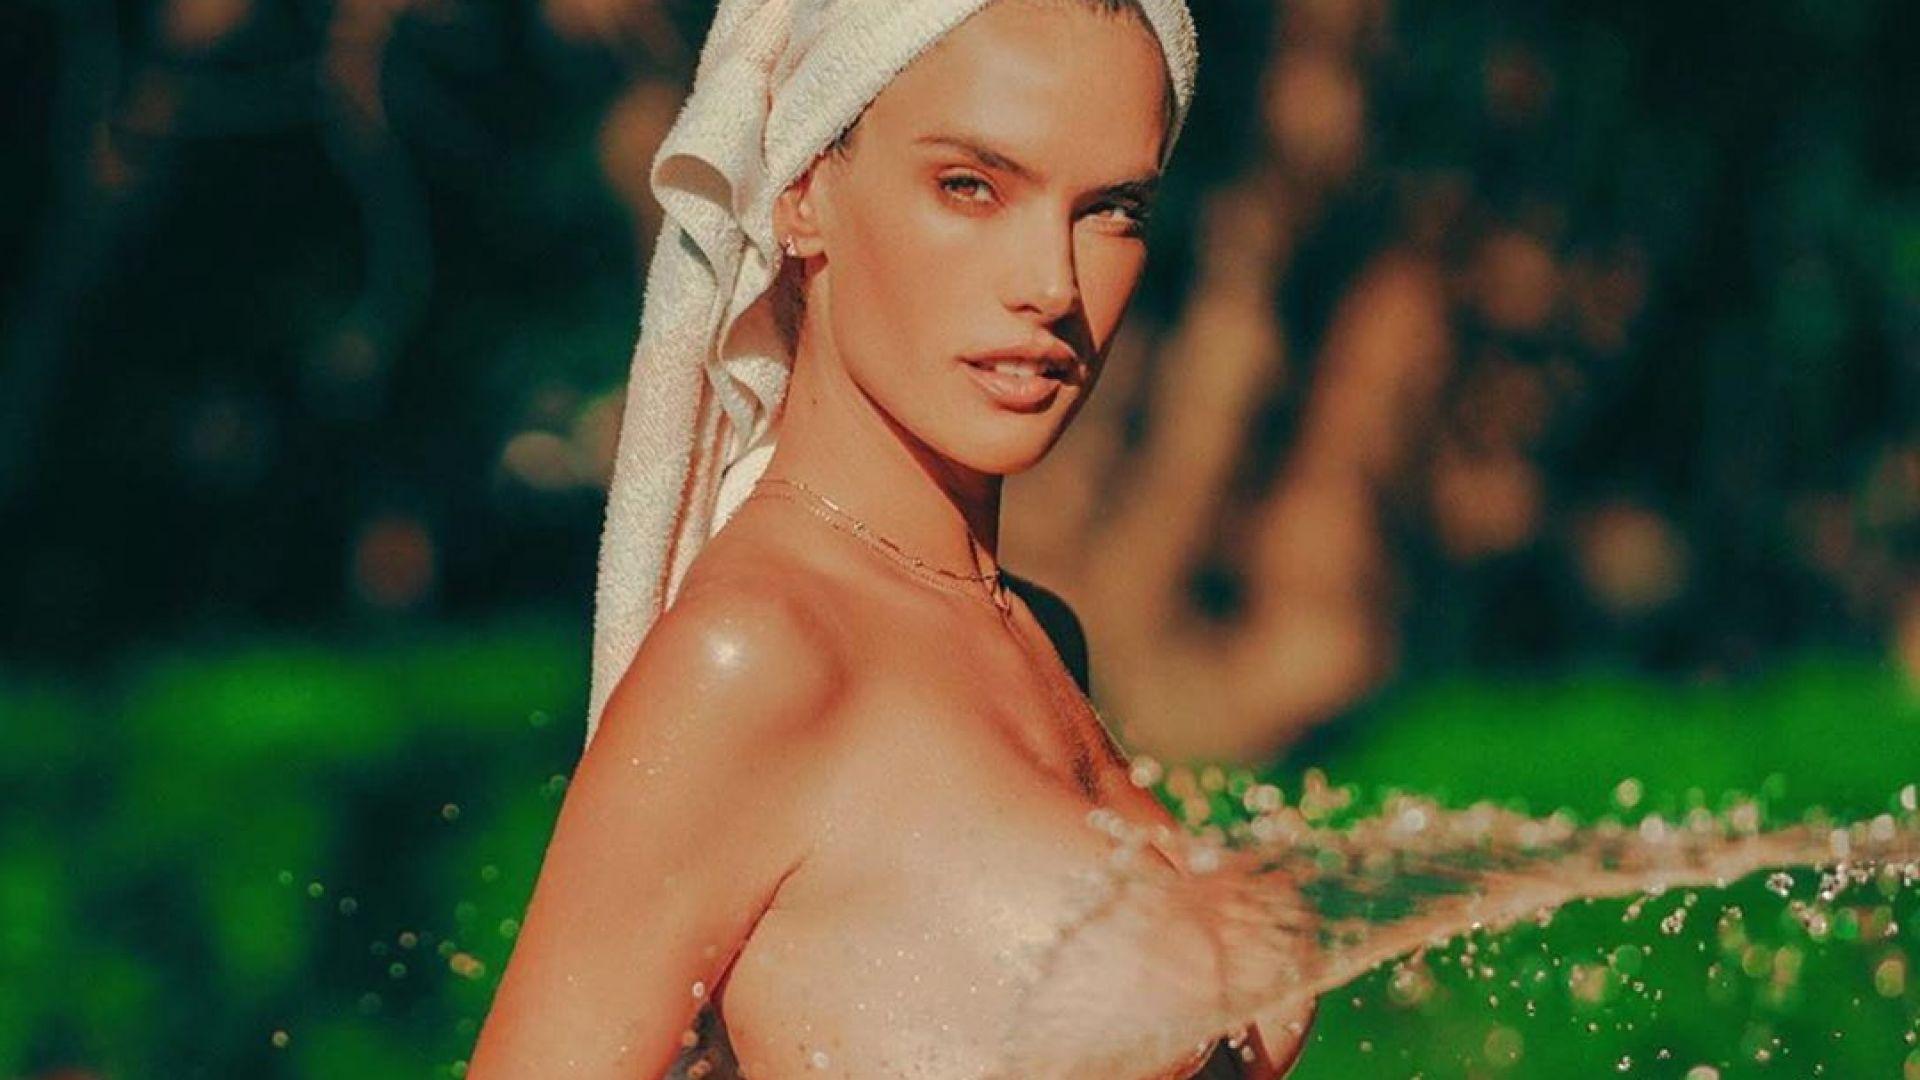 Алесандра Амброзио се разхлажда топлес през горещите летни дни